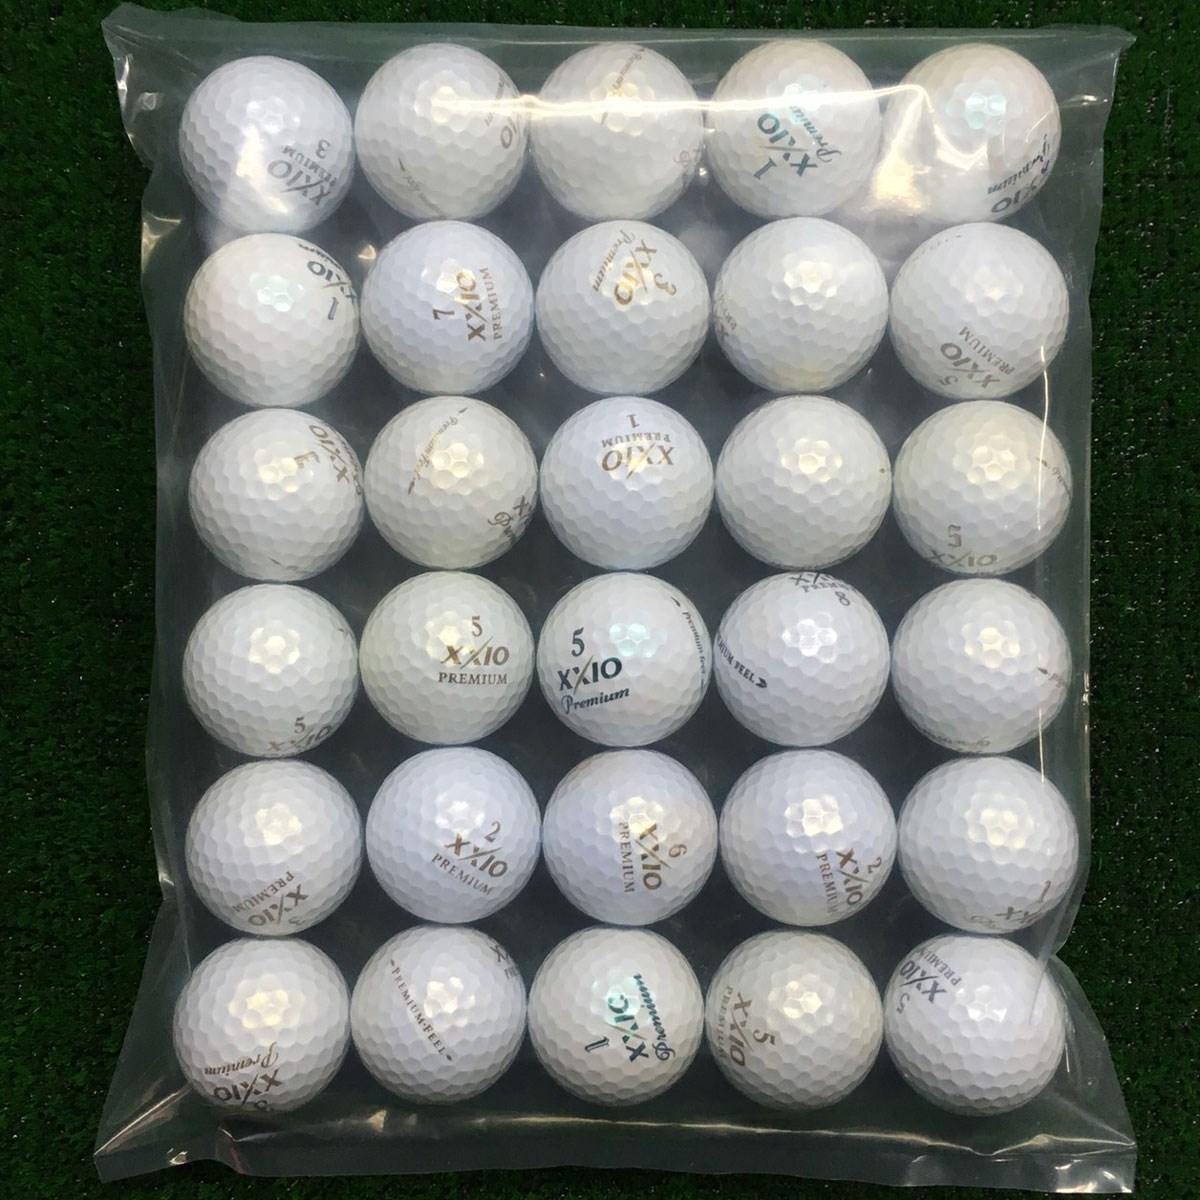 ロストボール XXIO Premium feel 混合 ボール 30個セット